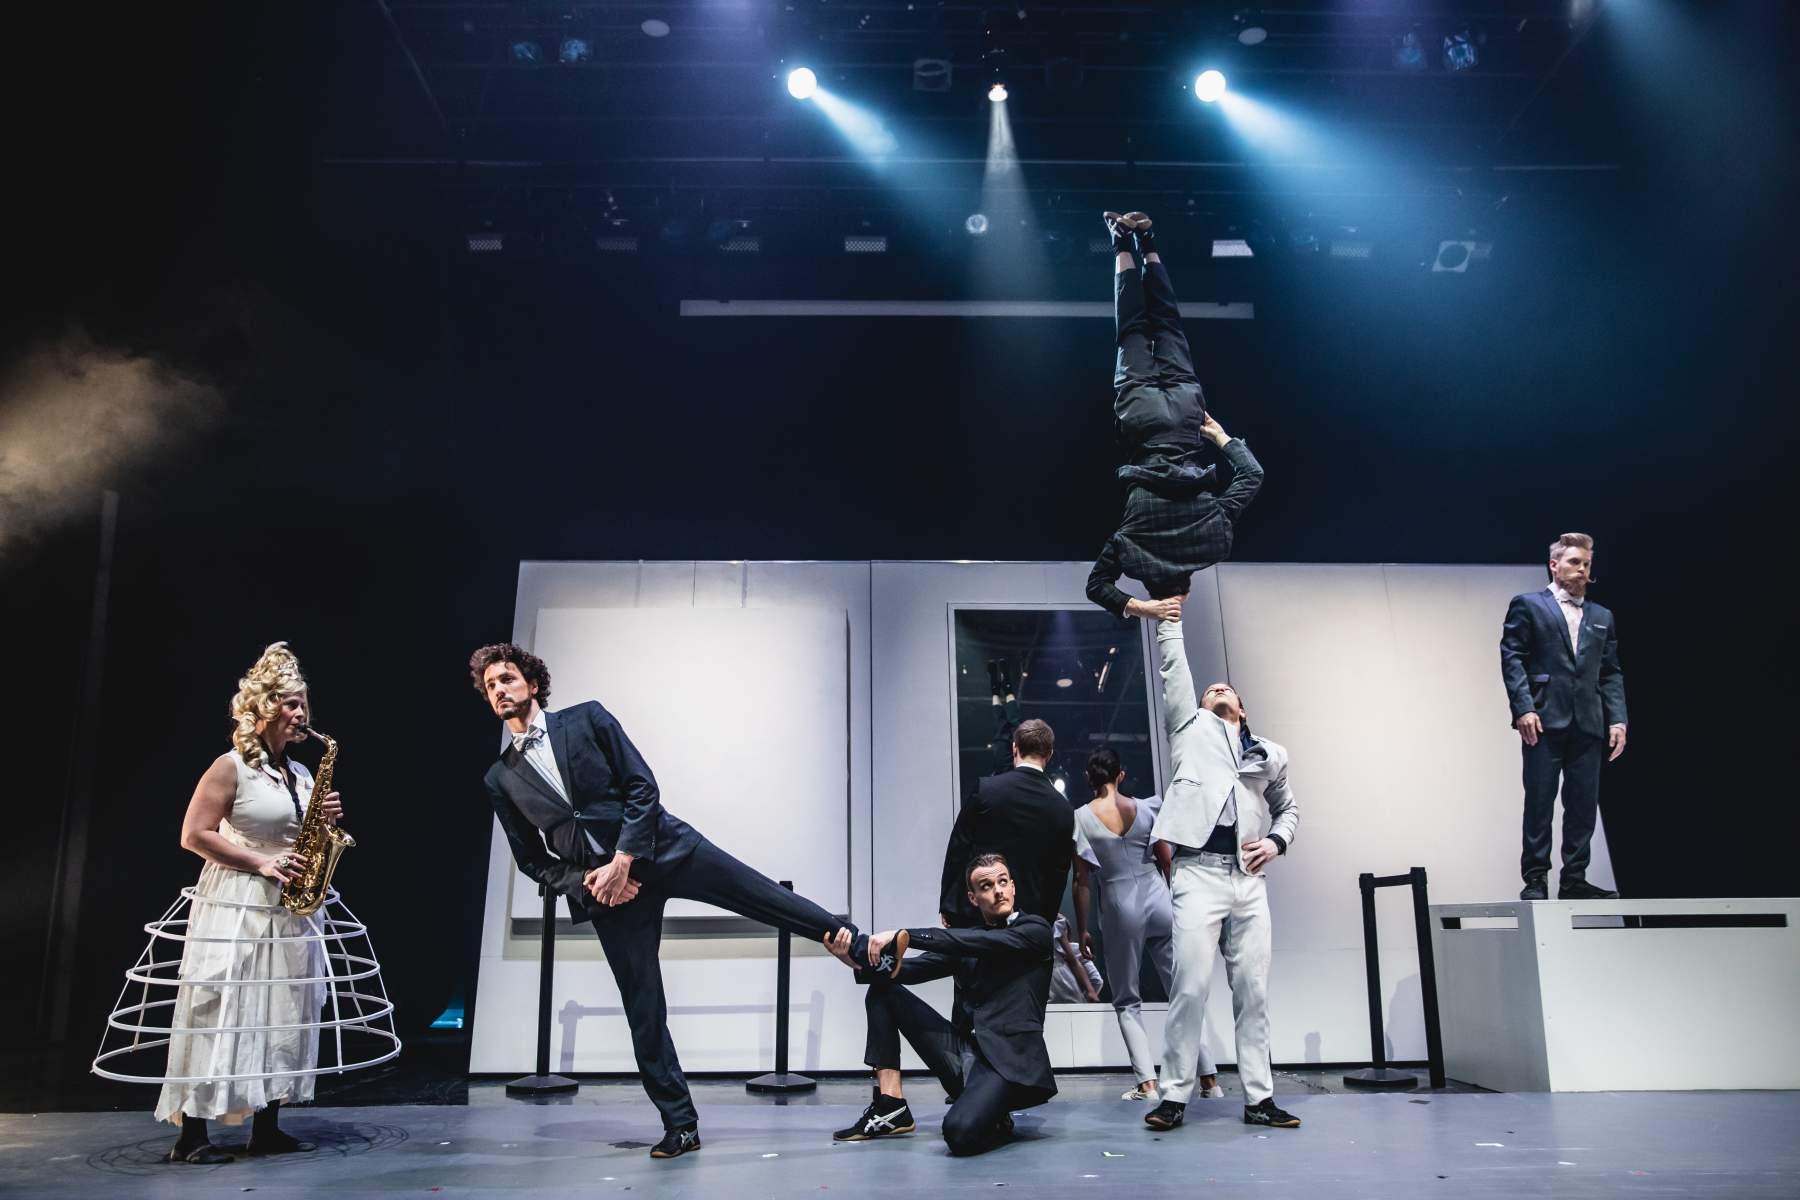 'La Galerie', by Machine De Cirque